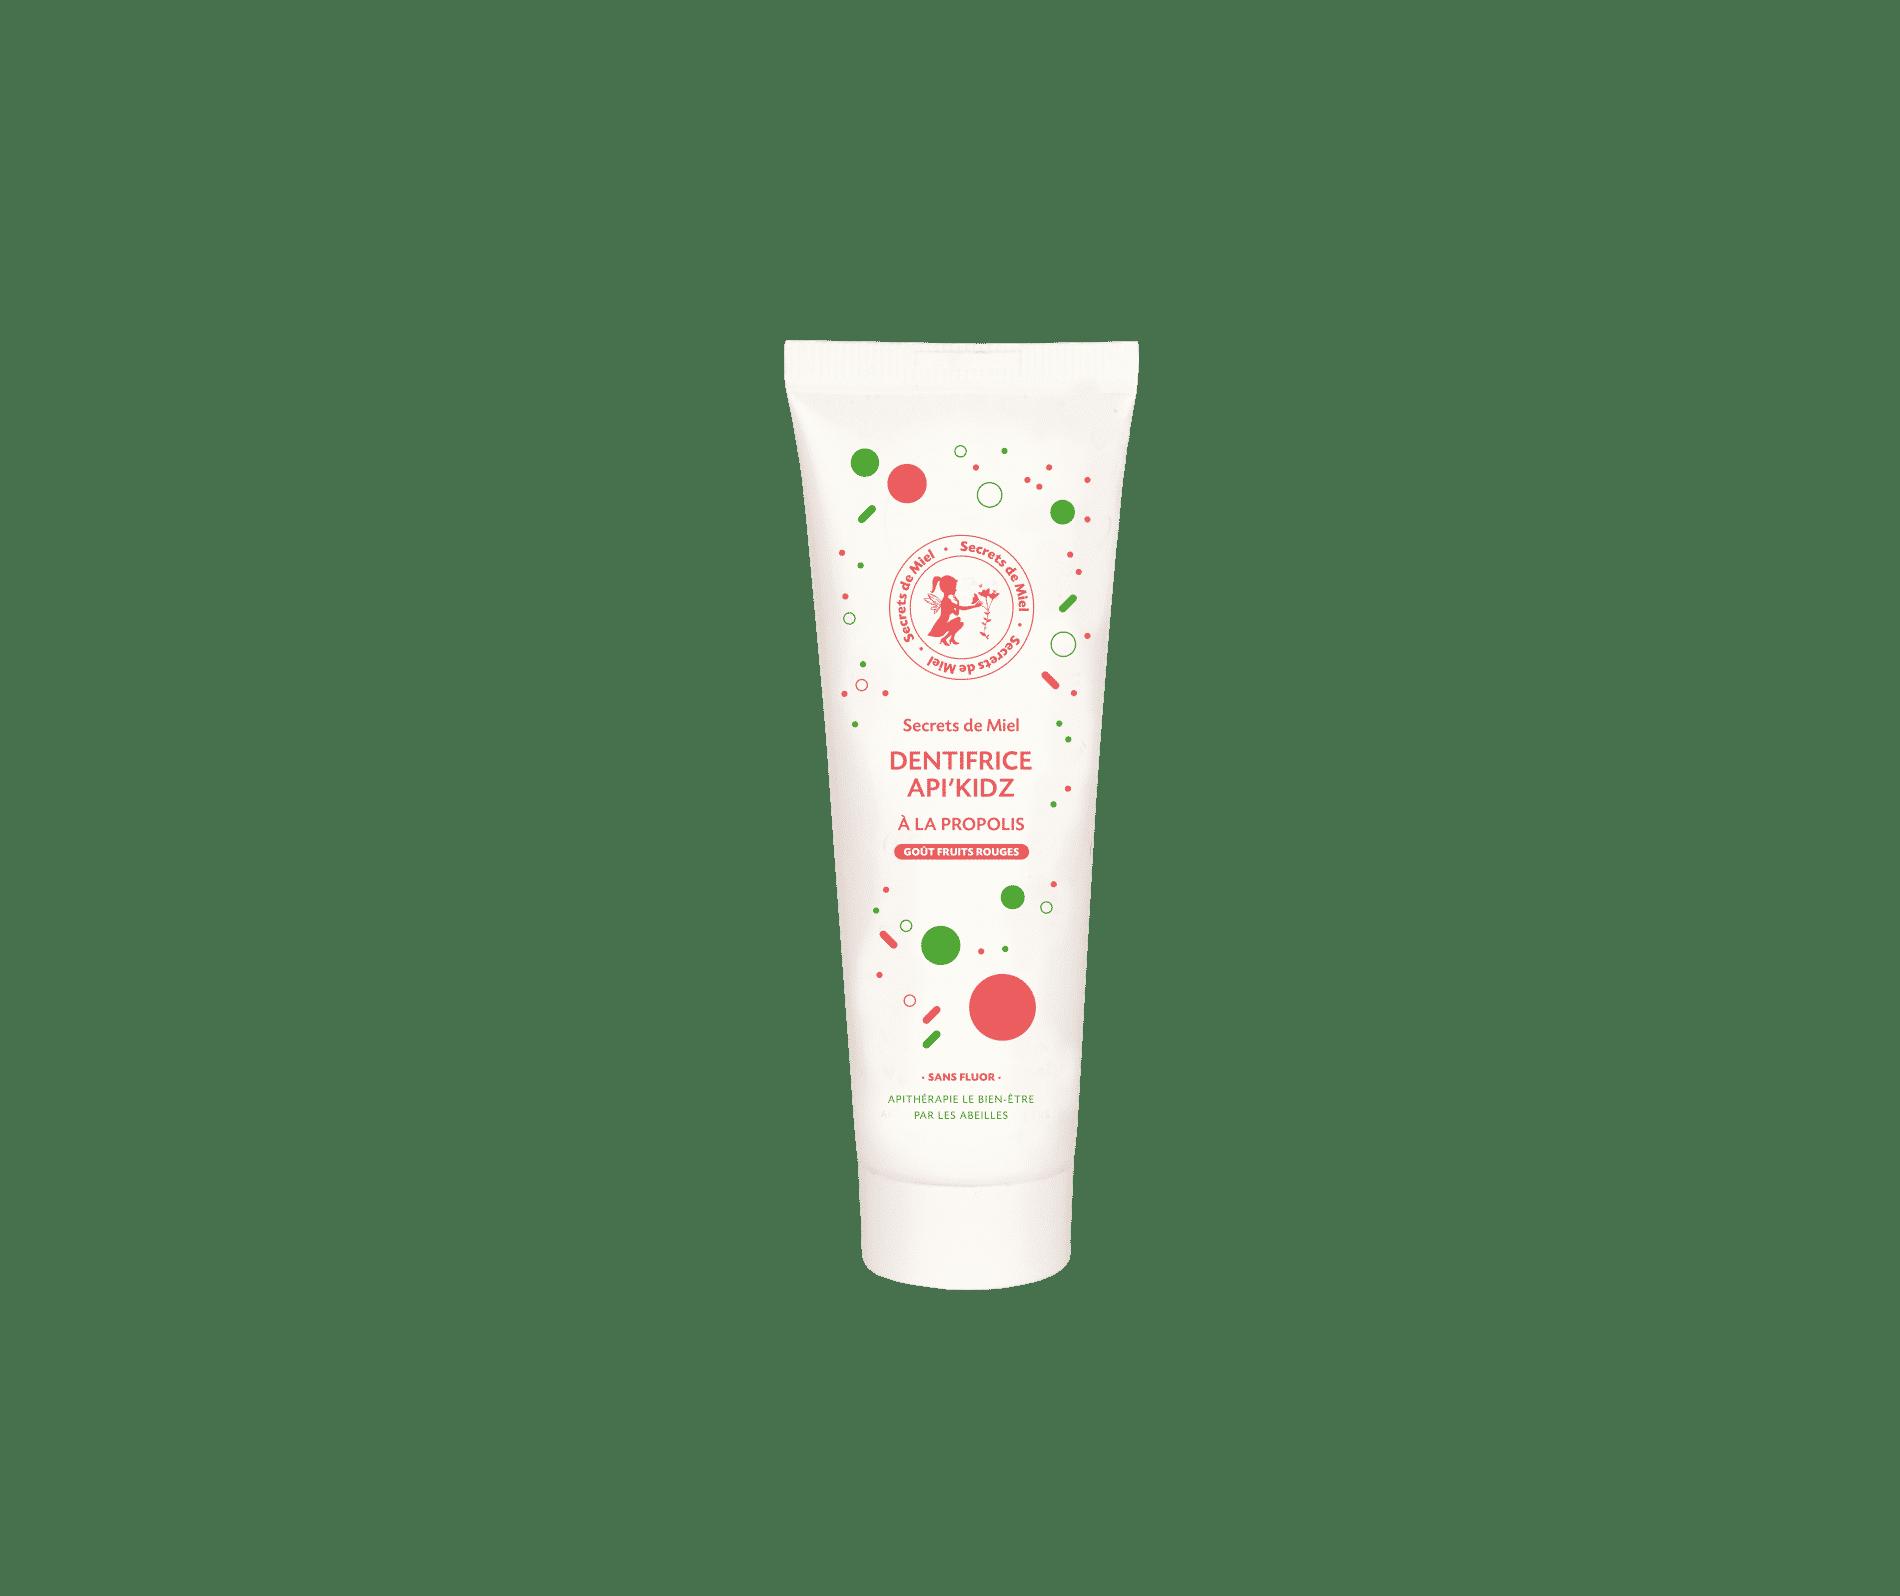 dentifrice pour enfants - sans fluor - à la propolis - goût fruits rouges - formule naturelle - Made in France - Secrets de Miel